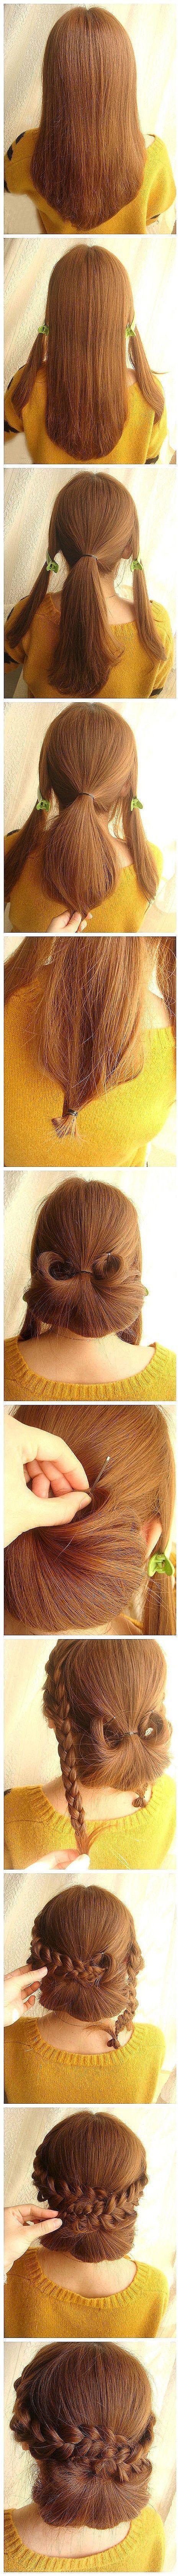 braid bun at neck